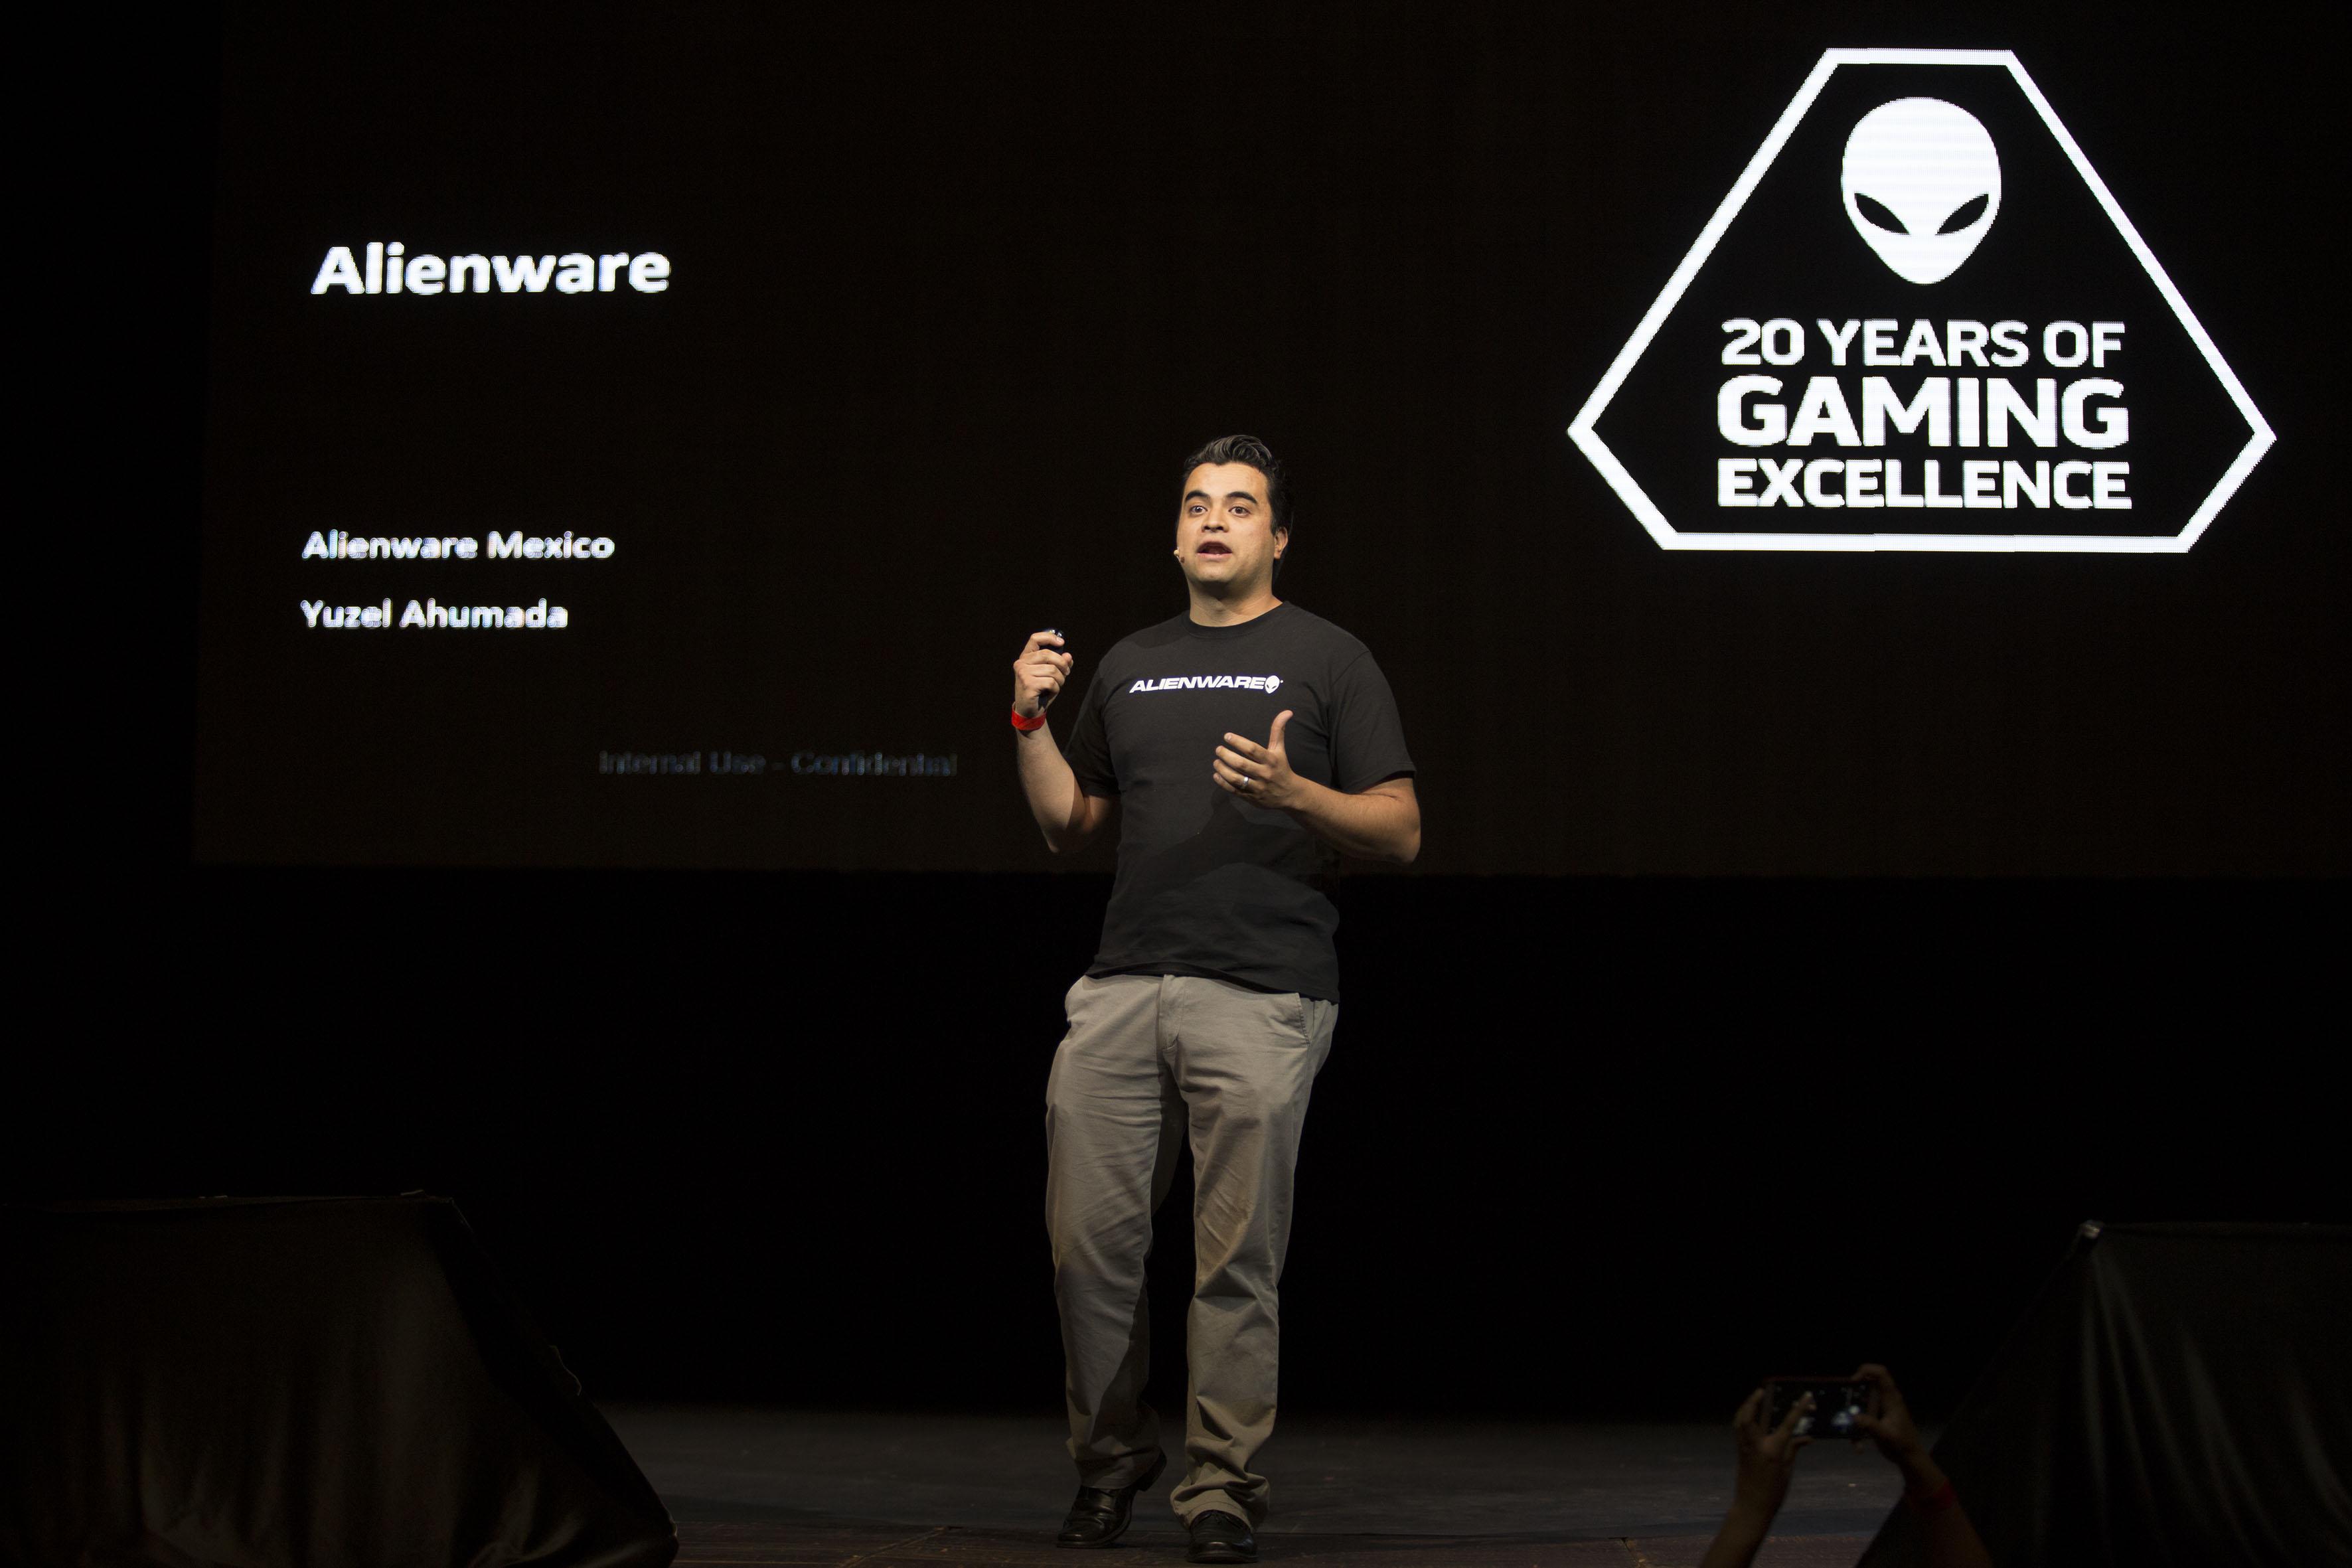 Yuzel ahumada de grupo alienware mexico haciendo uso de la palabra